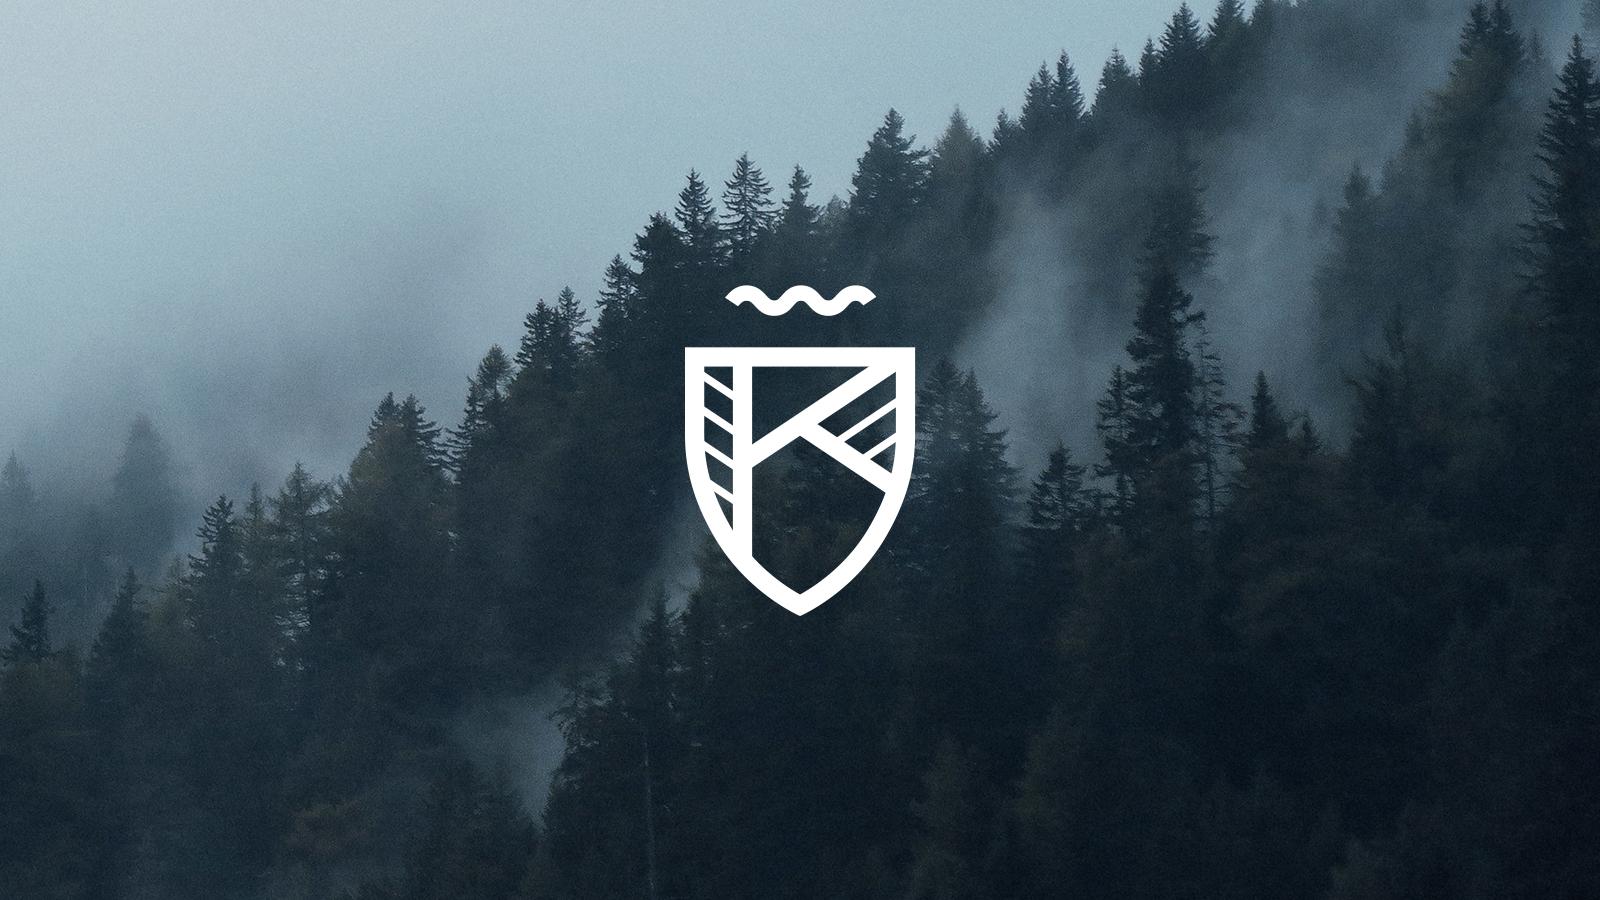 Logo on photo